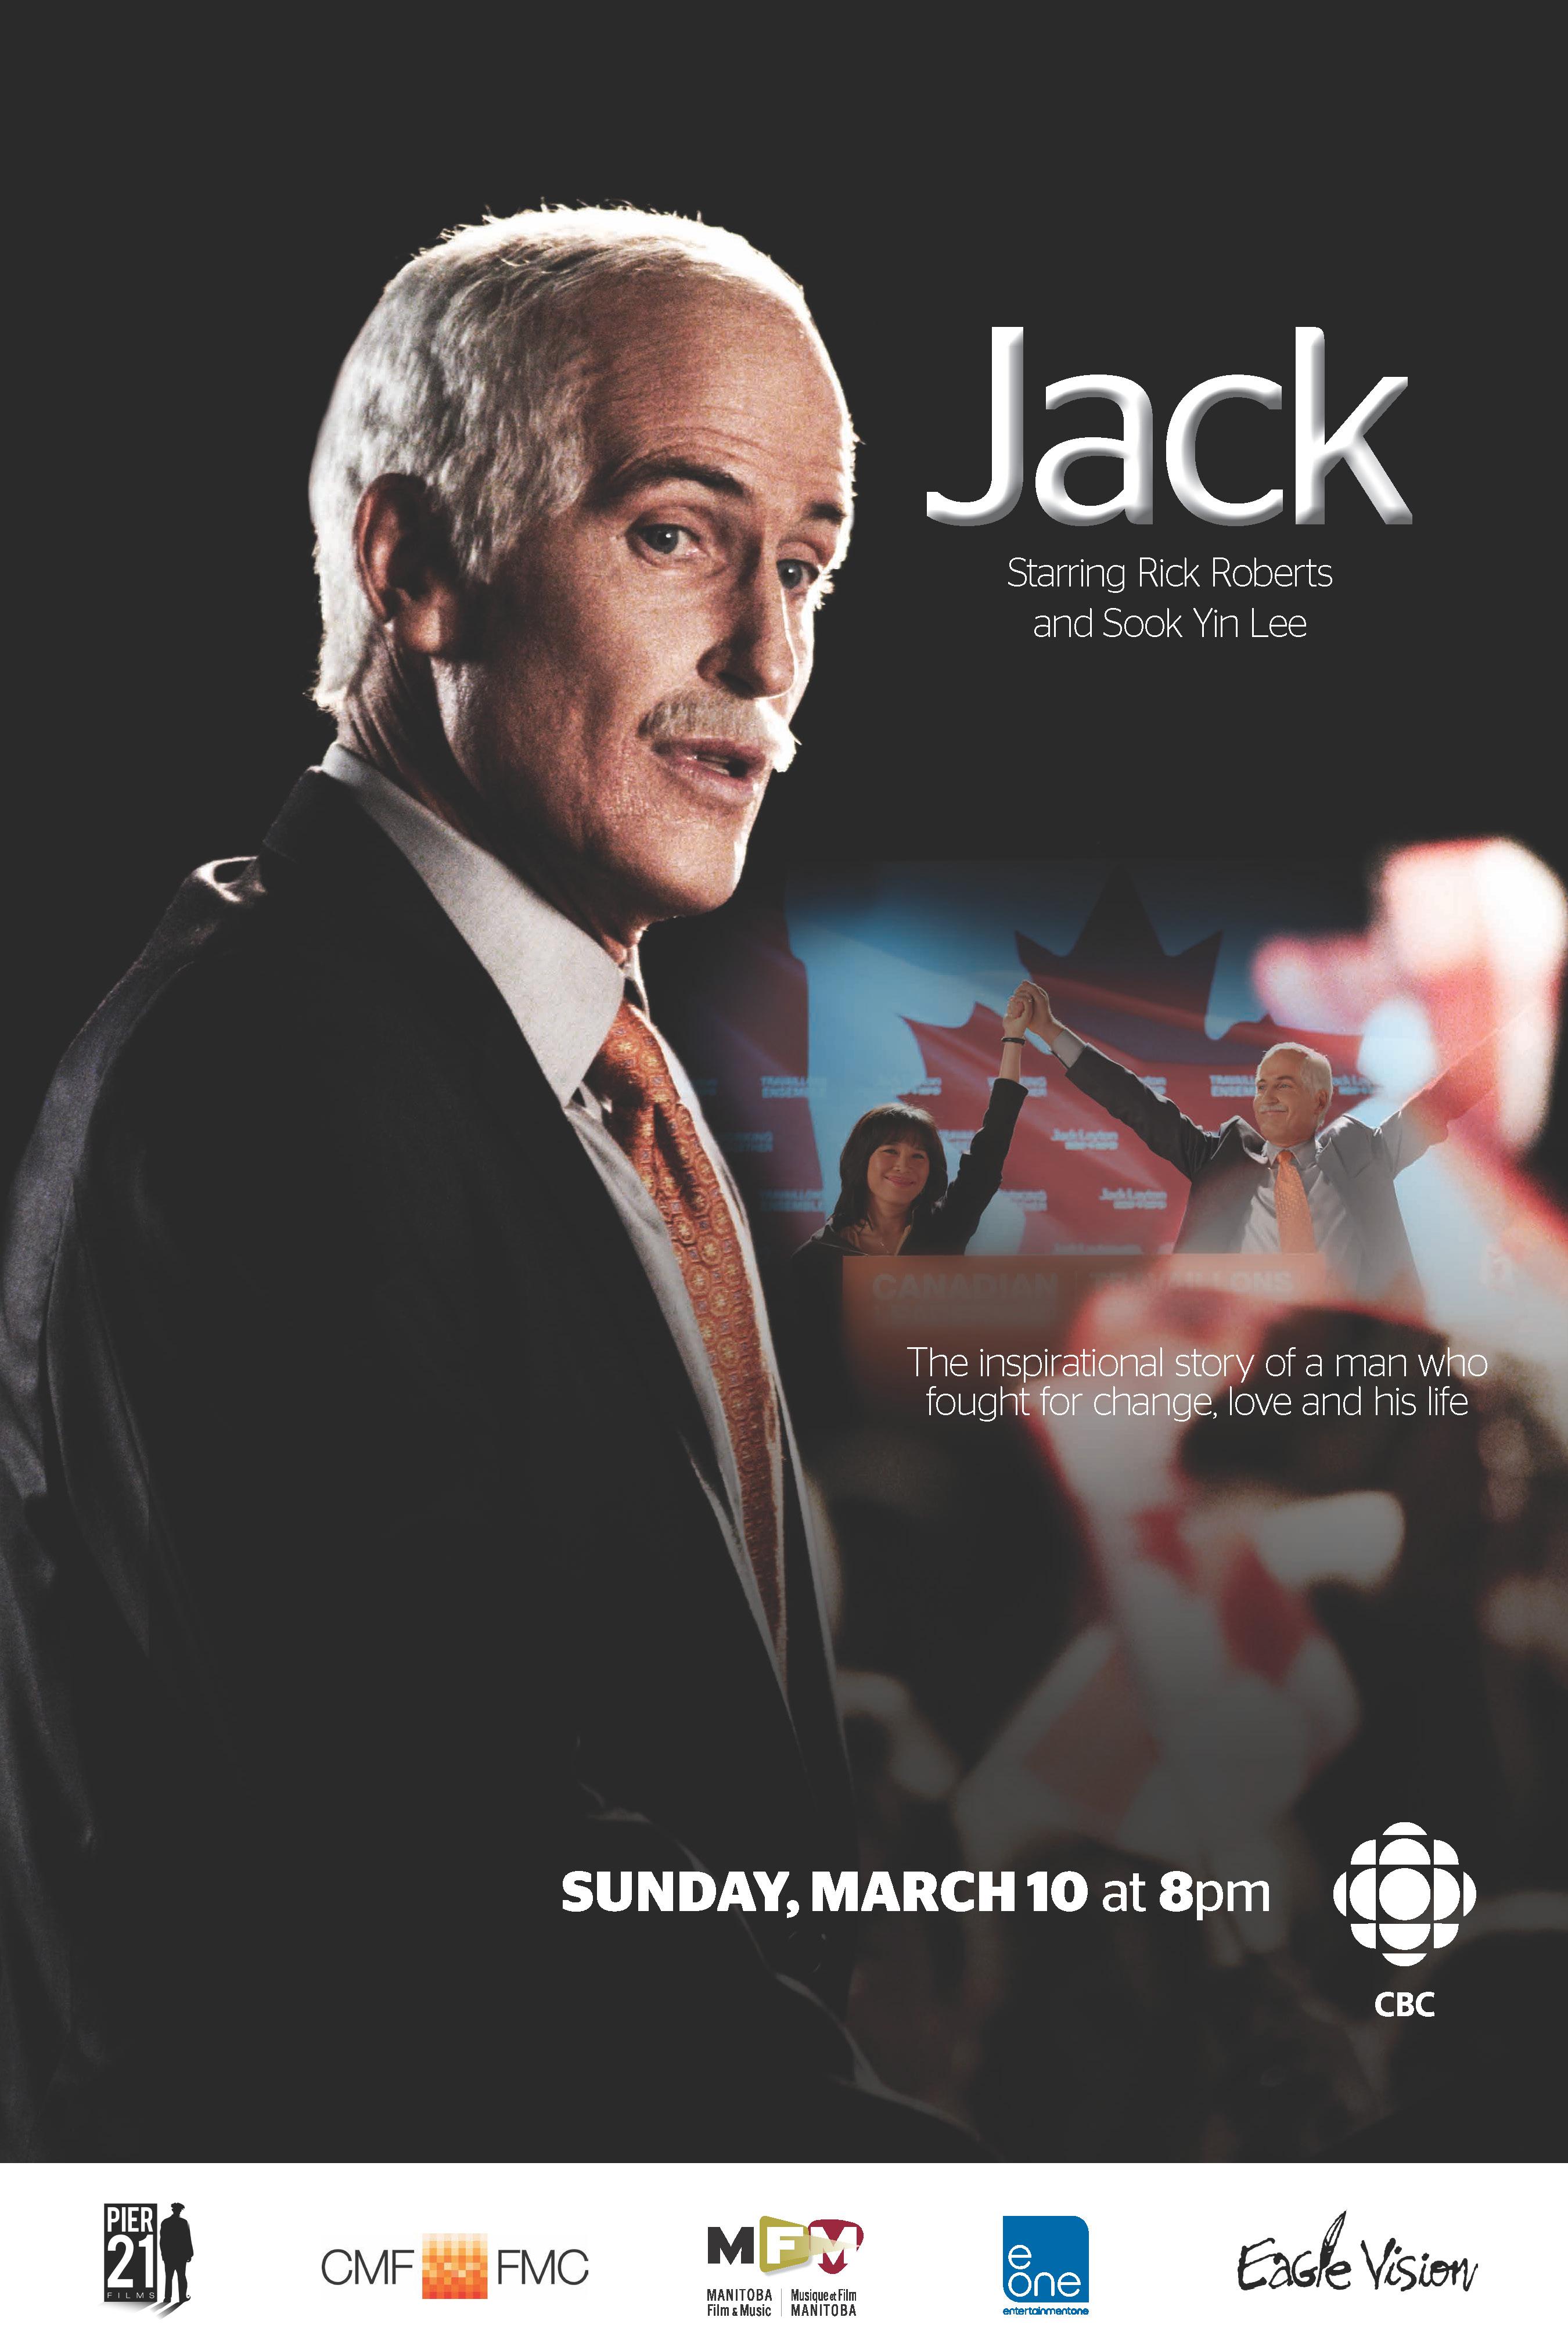 Pier_21_Poster_Jack_Layton_Film_2013-03-04